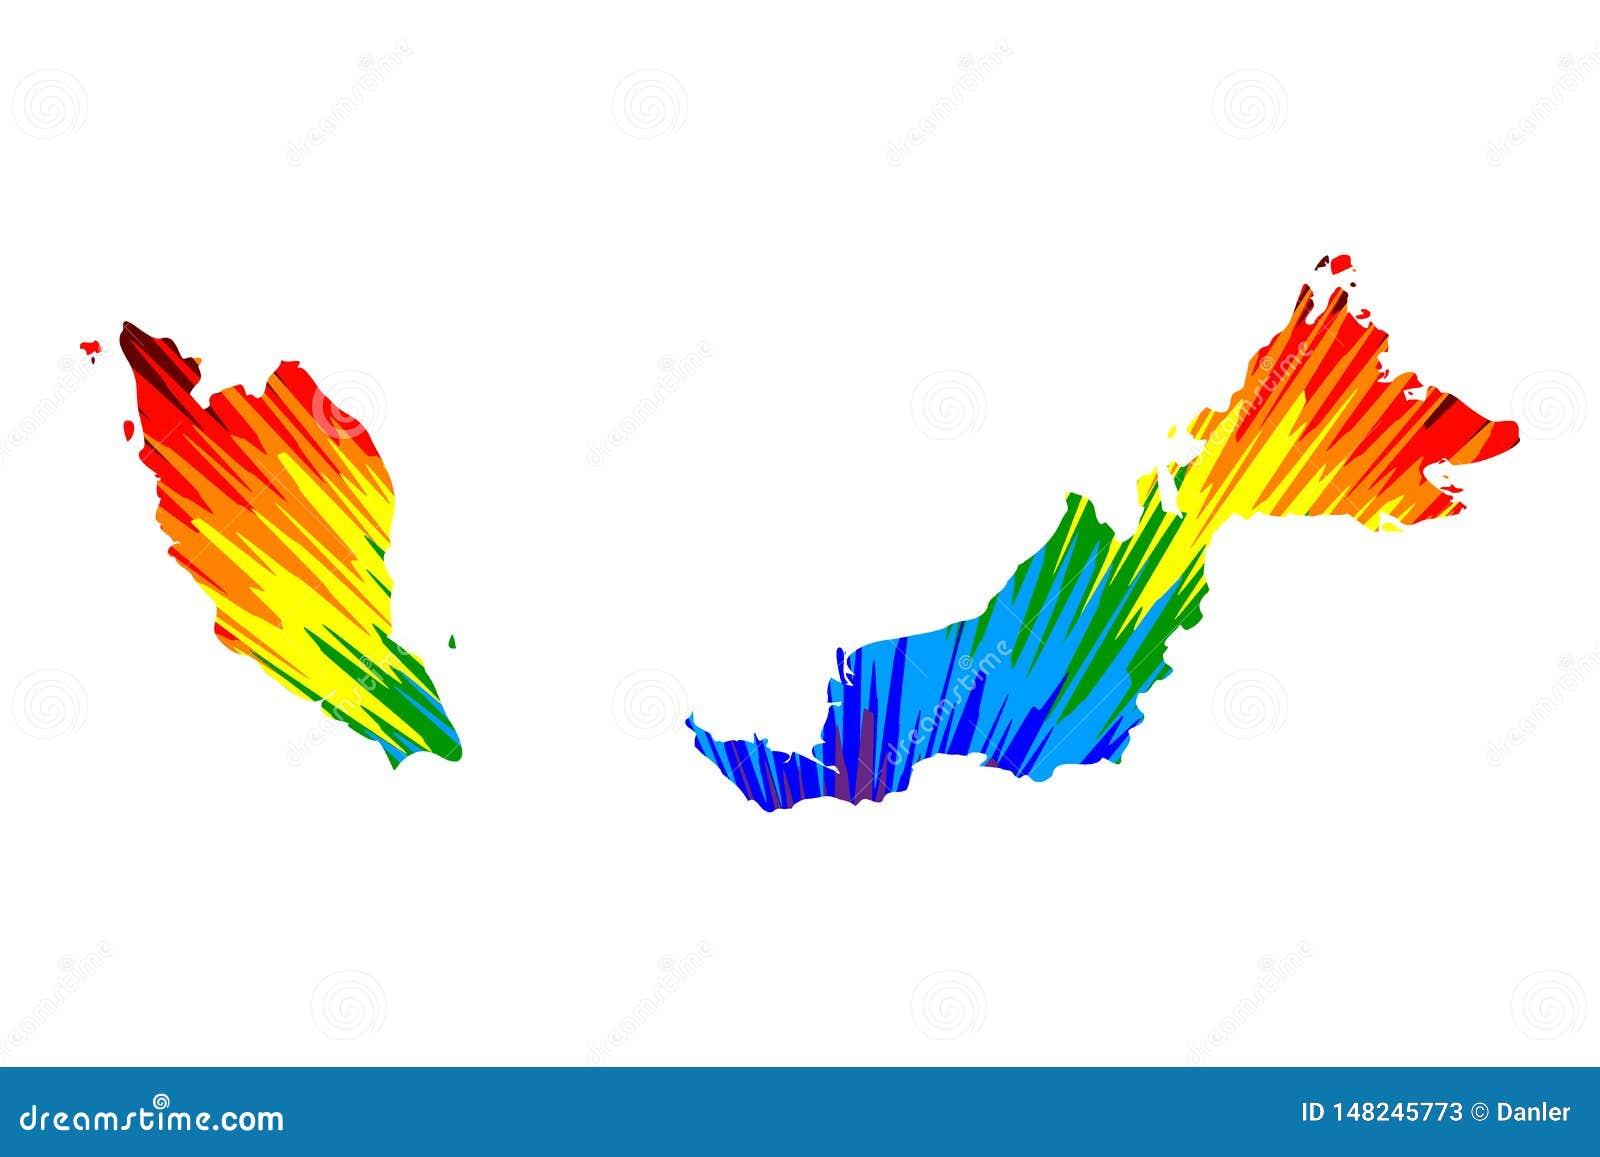 Maleisië - de kaart is ontworpen regenboog abstract kleurrijk die patroon, de kaart van Maleisië van kleurenexplosie wordt gemaak